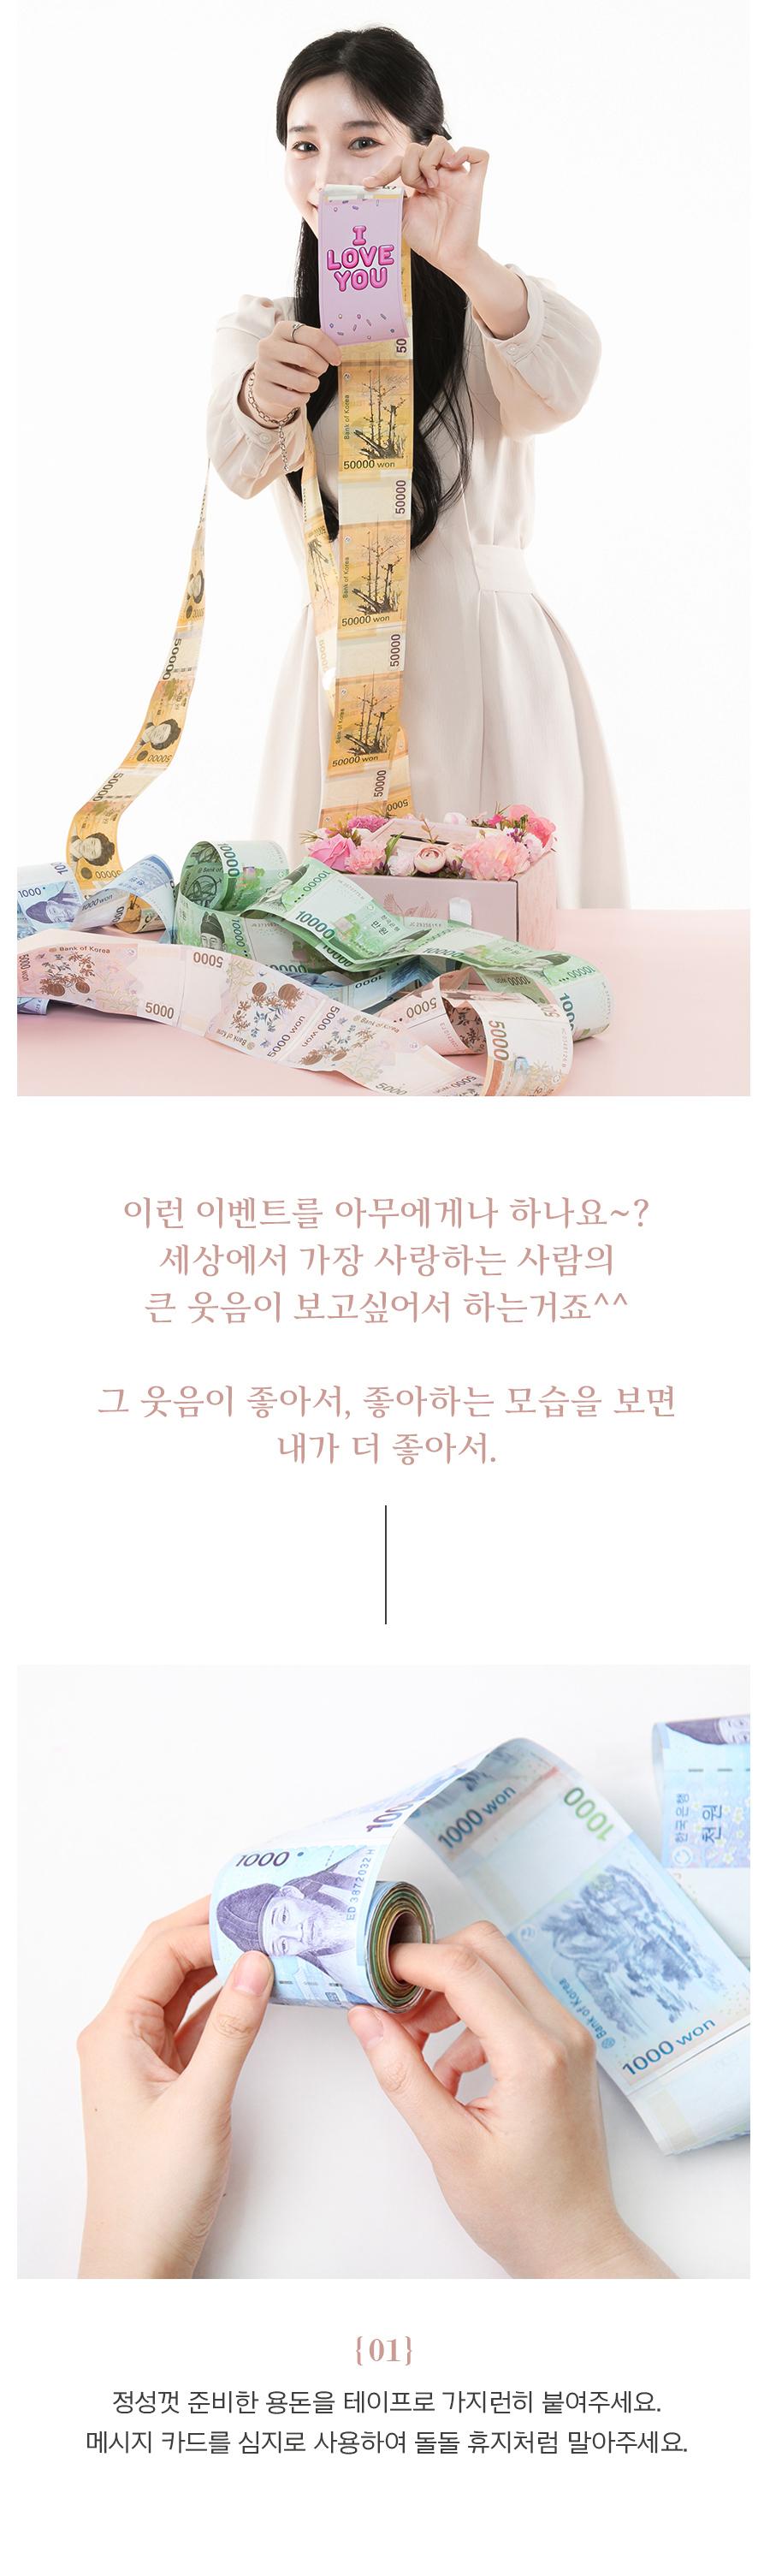 반전 플라워용돈박스 - 리브인리프, 28,000원, 조화, 플라워박스